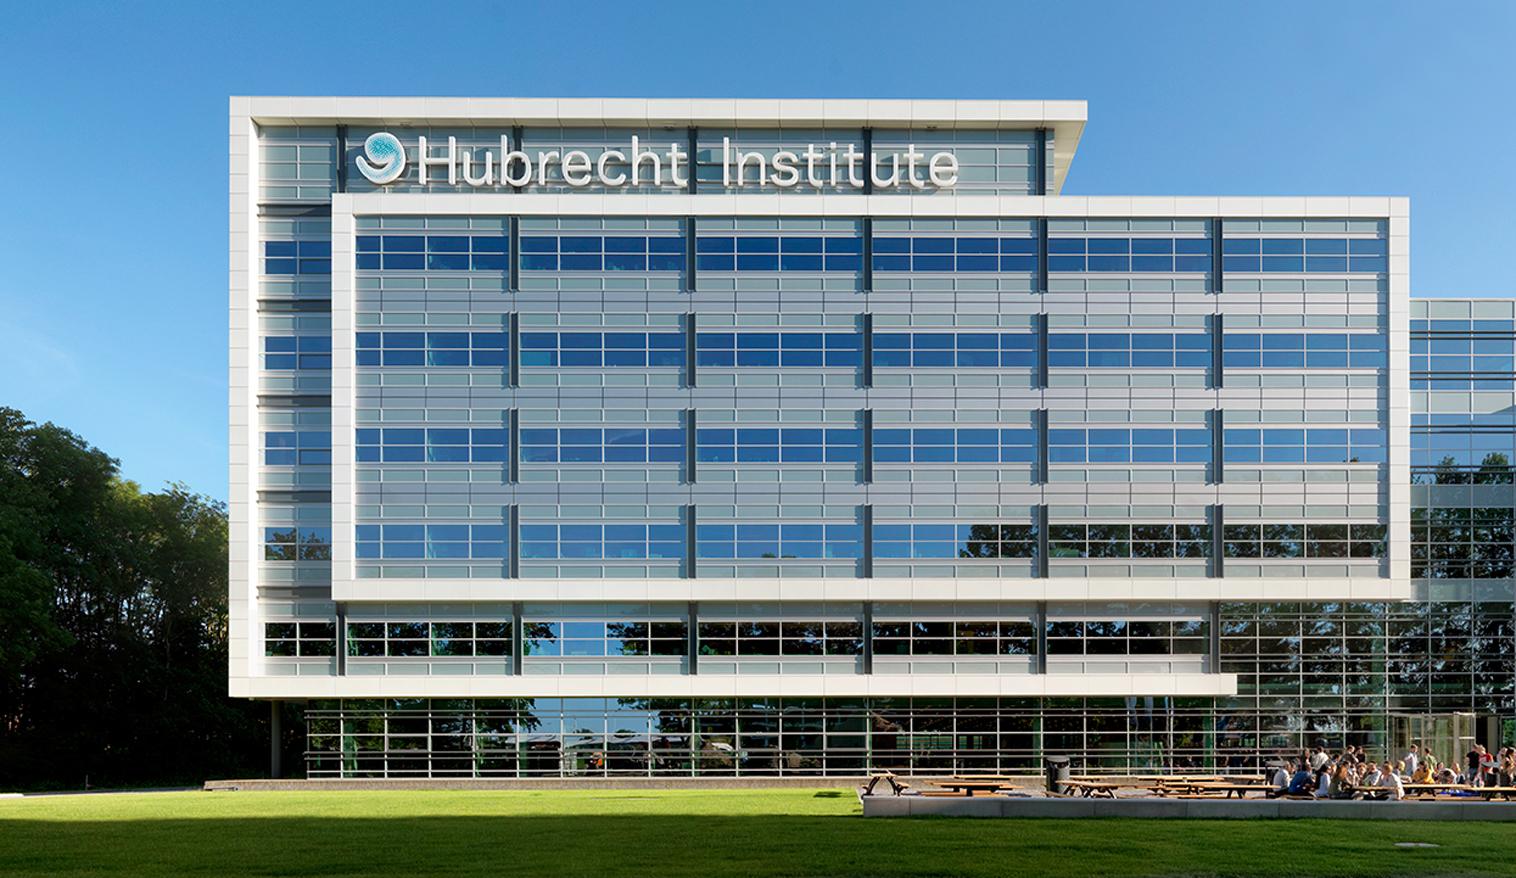 00 OPLarchitecten_Hubrecht Institute De Uithof header 1516×878-72dpi